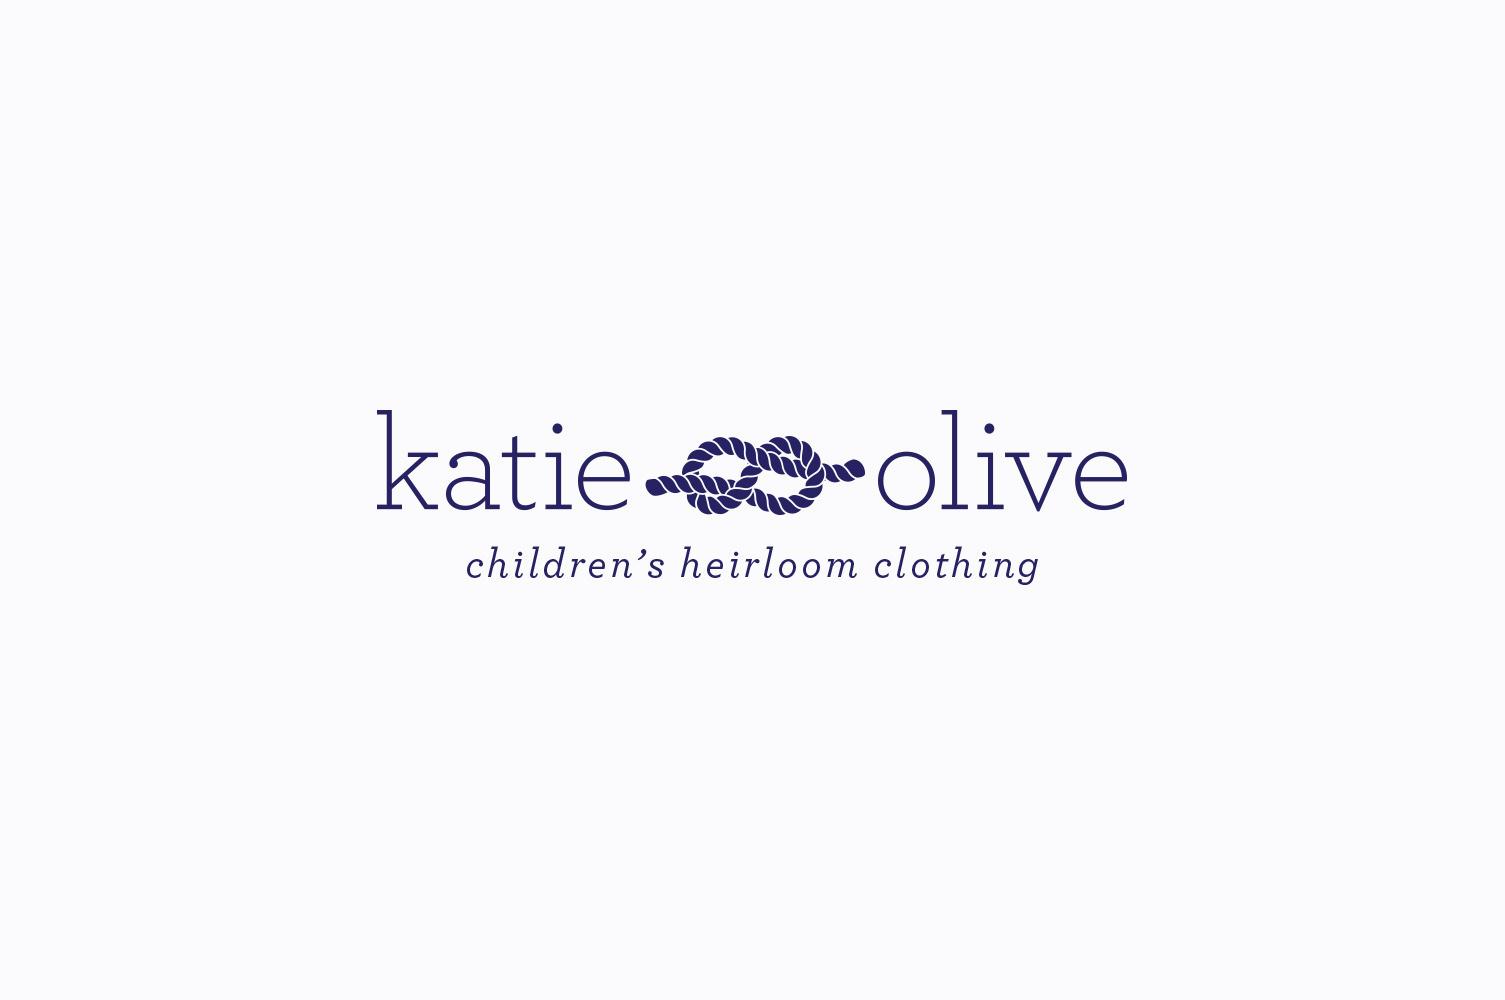 Kate-Olive-Heirloom-Children-Clothing-Logo.jpg